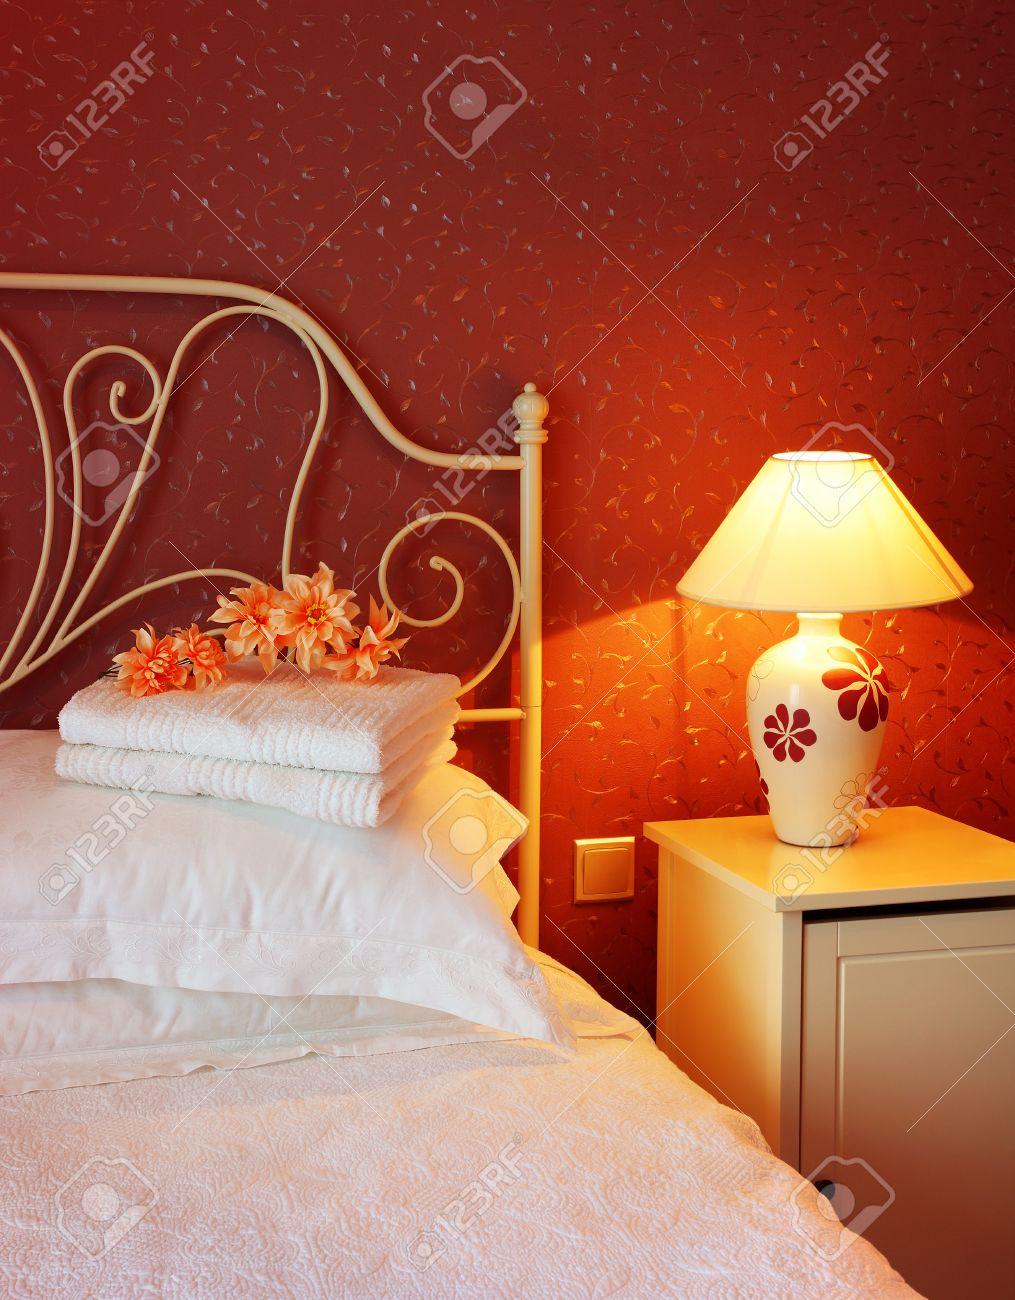 Romantic bedroom luxury interior design with warm light Stock Photo - 9452816